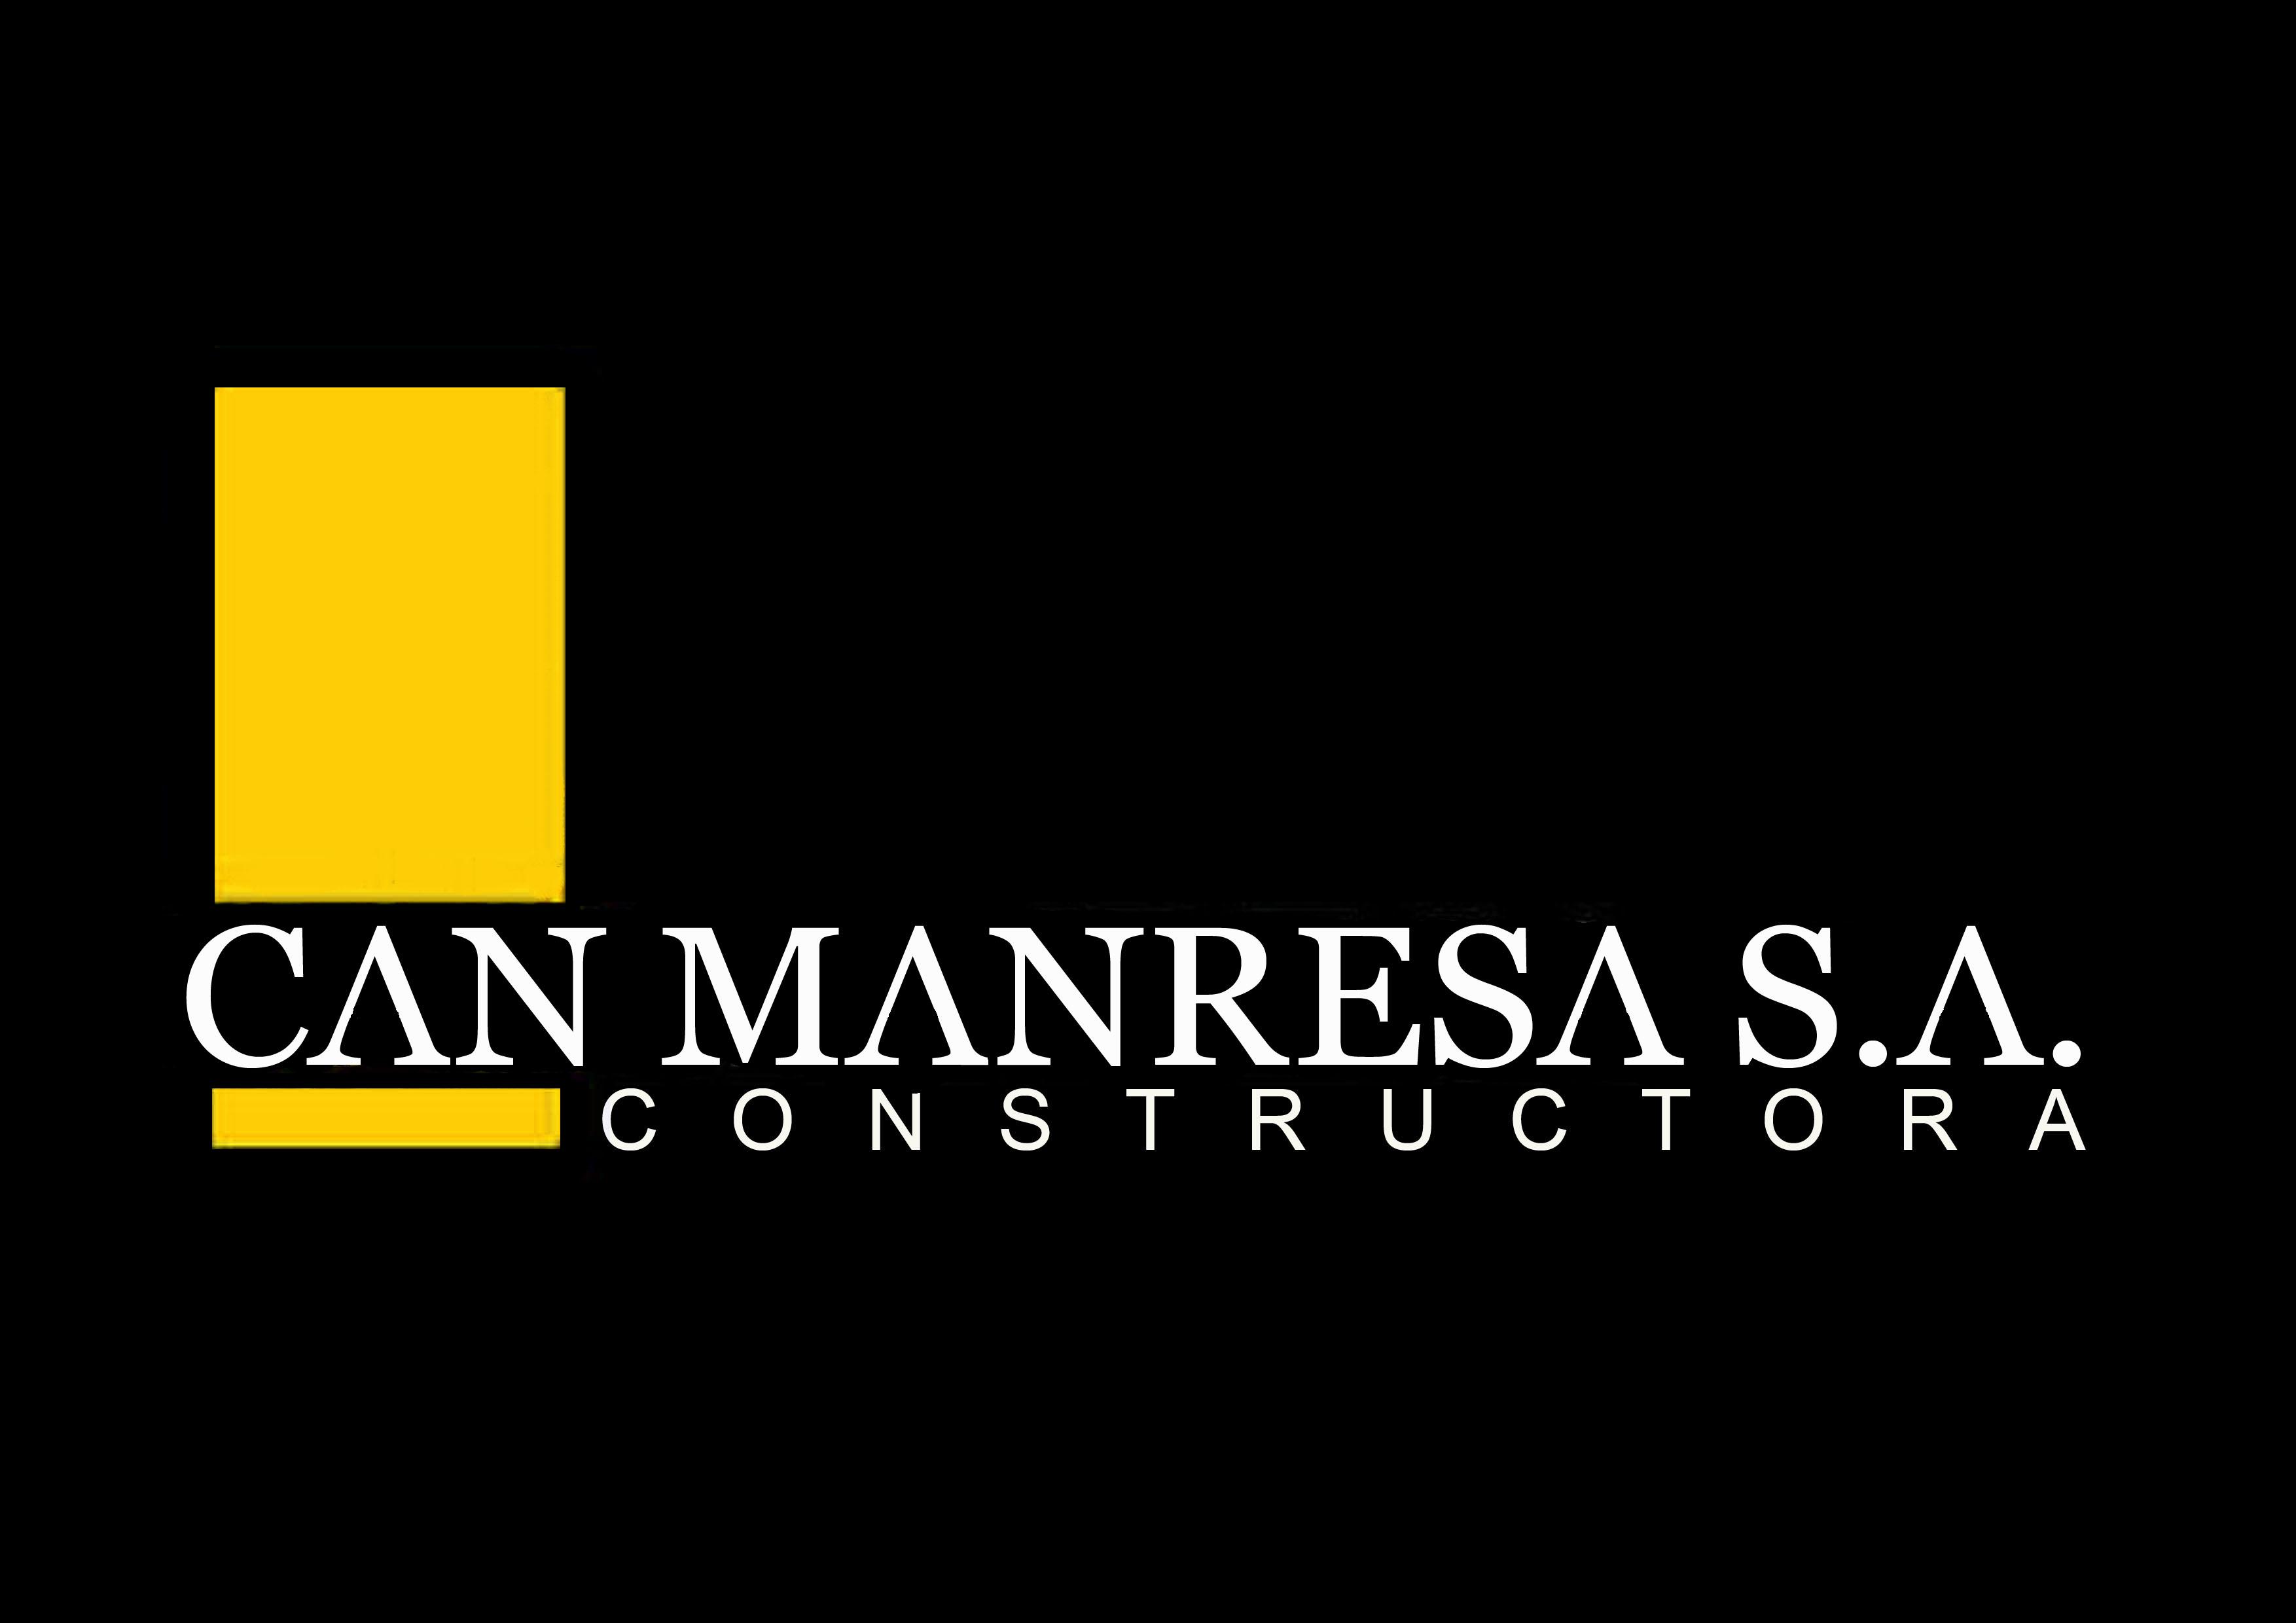 CAN MANRESA